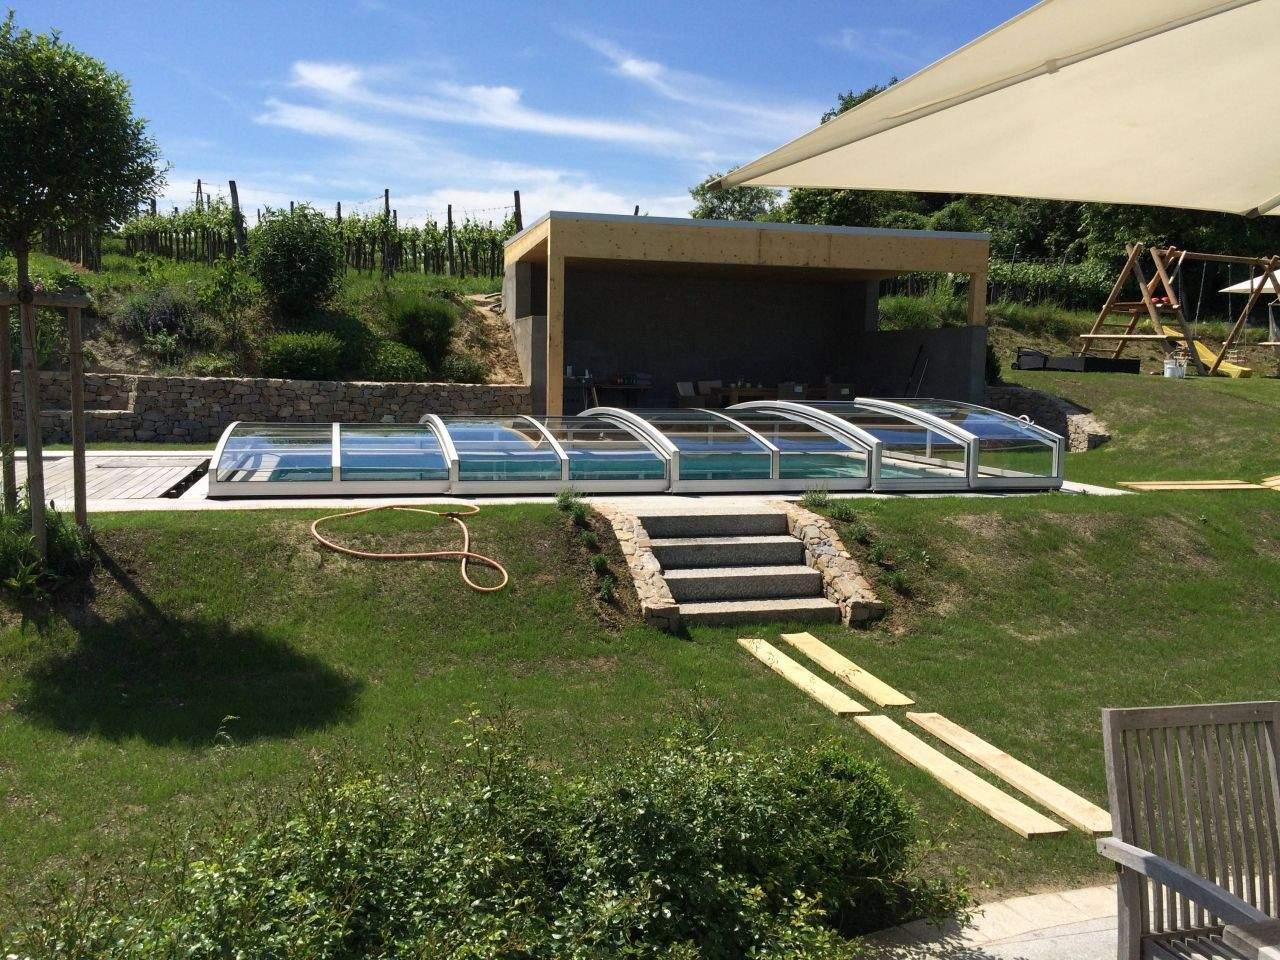 grillecke garten luxus poolhaus pooldach und grillecke bauanleitung zum of grillecke garten 1